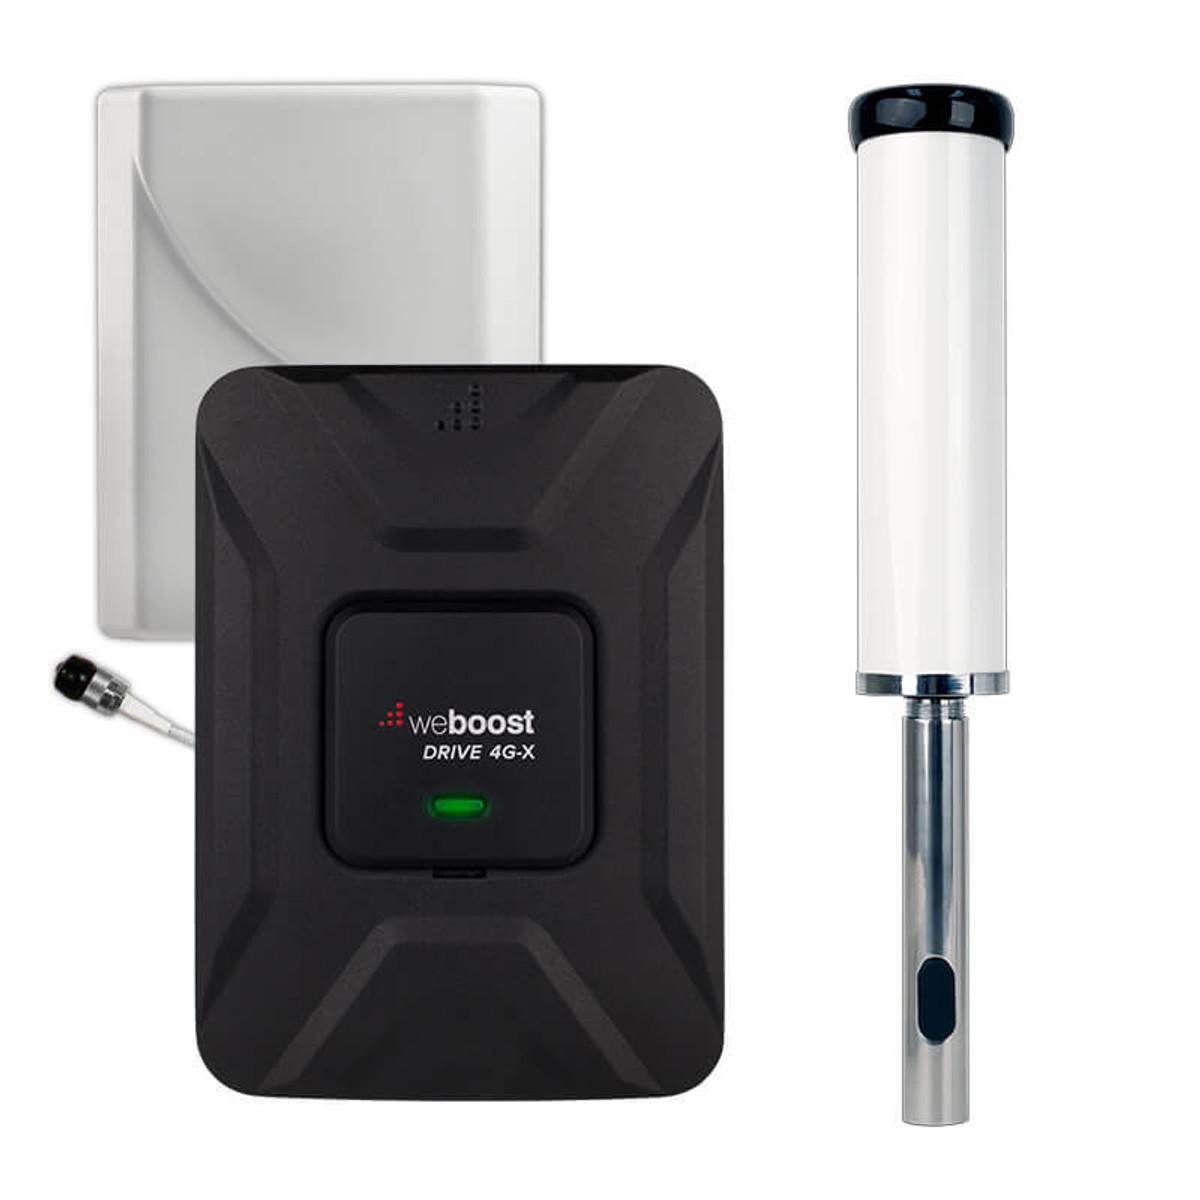 weBoost Drive 4G-X + Marine Essentials Kit